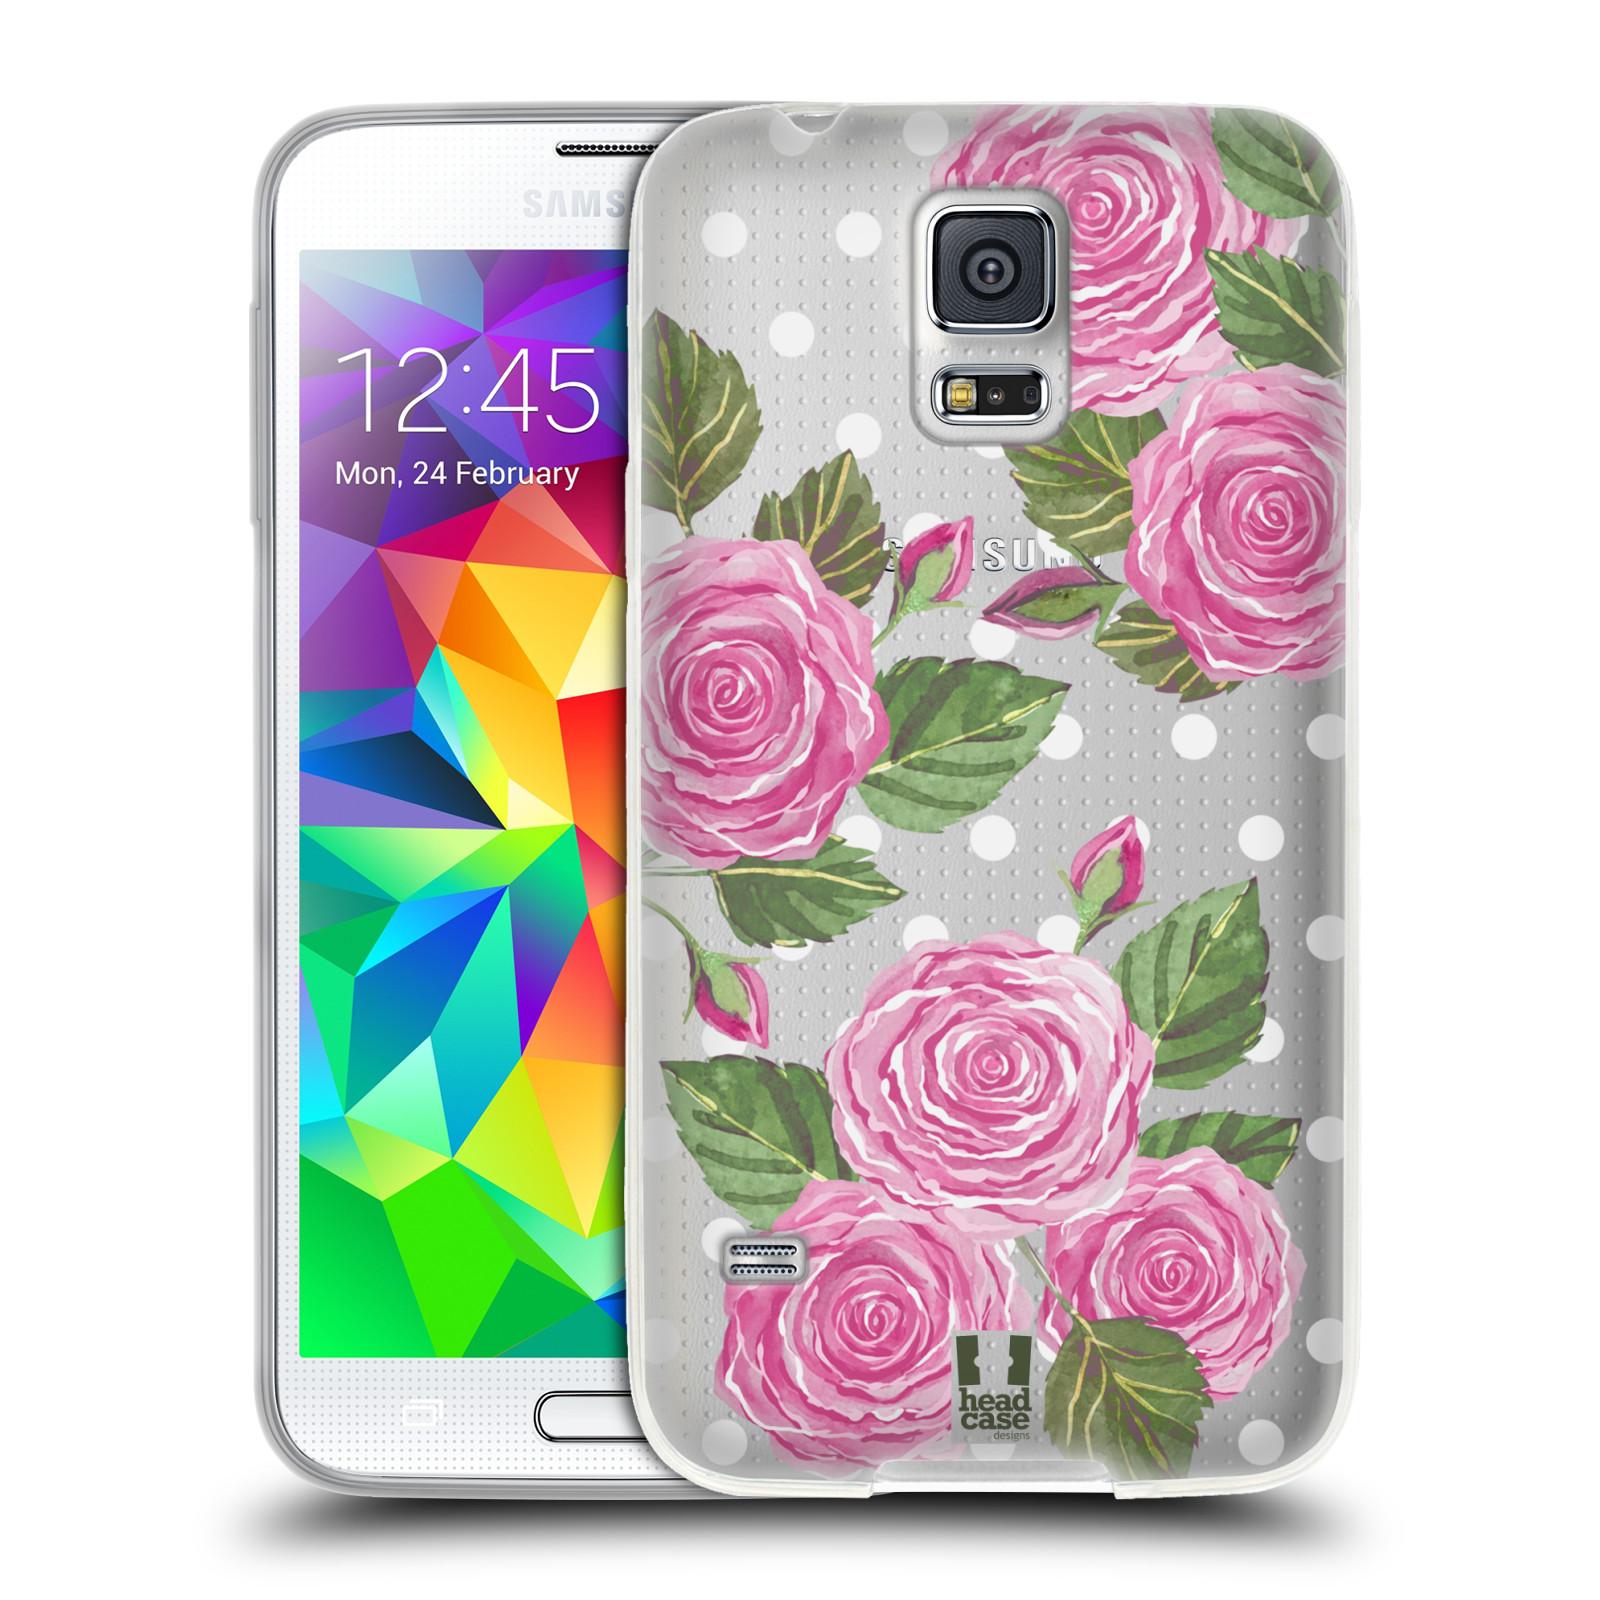 Silikonové pouzdro na mobil Samsung Galaxy S5 Neo - Head Case - Hezoučké růžičky - průhledné